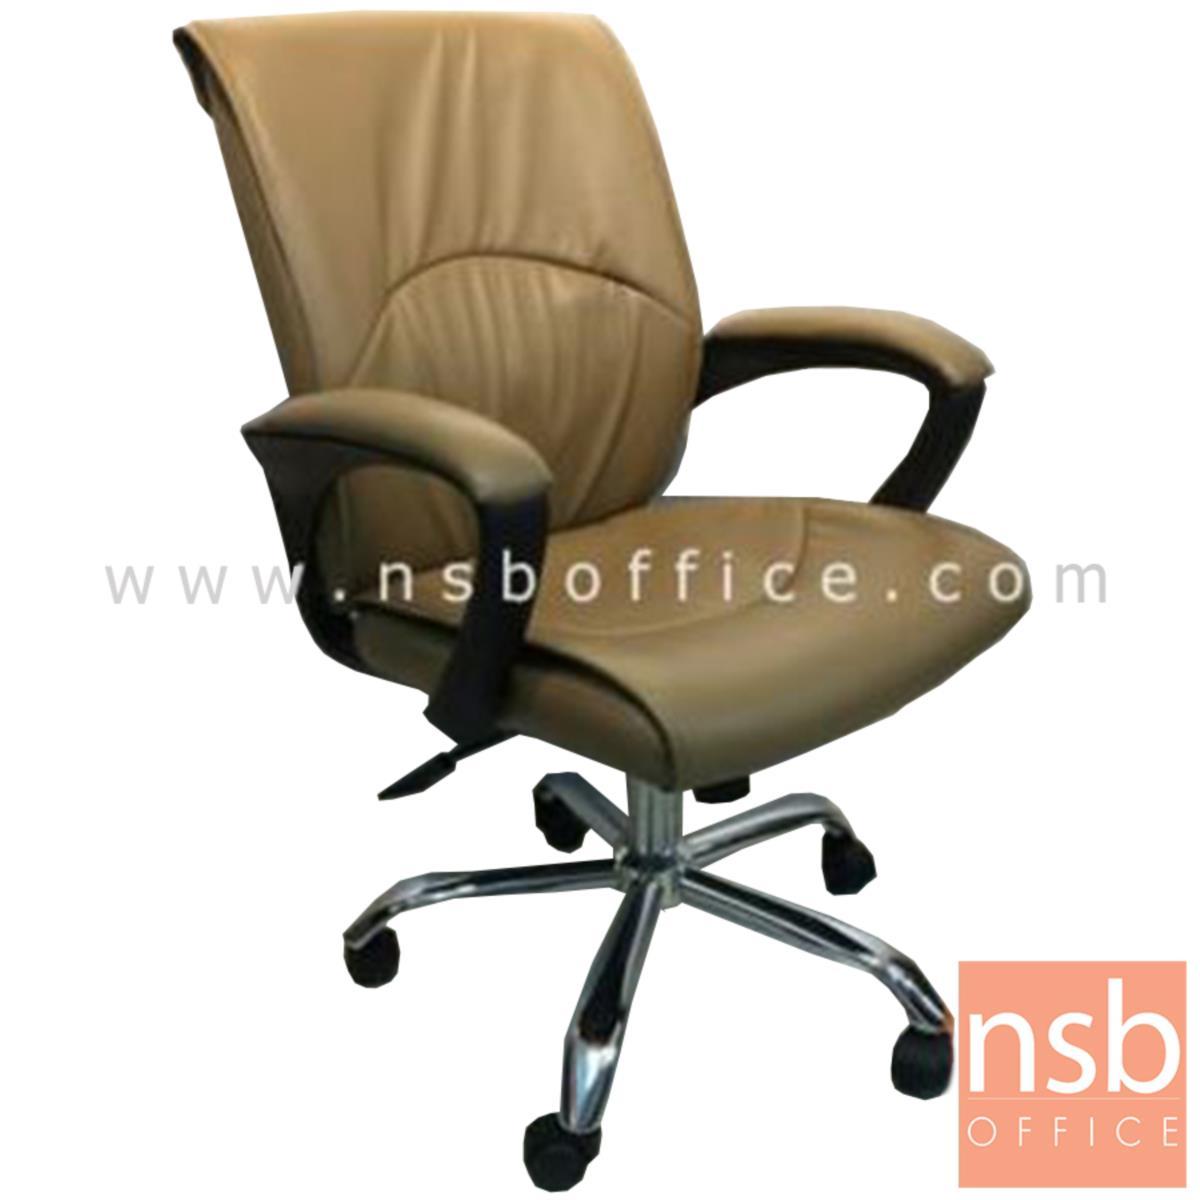 B03A393:เก้าอี้สำนักงาน รุ่น Kehlani (เคห์ลานี)  โช๊คแก๊ส มีก้อนโยก ขาเหล็กชุบโครเมี่ยม